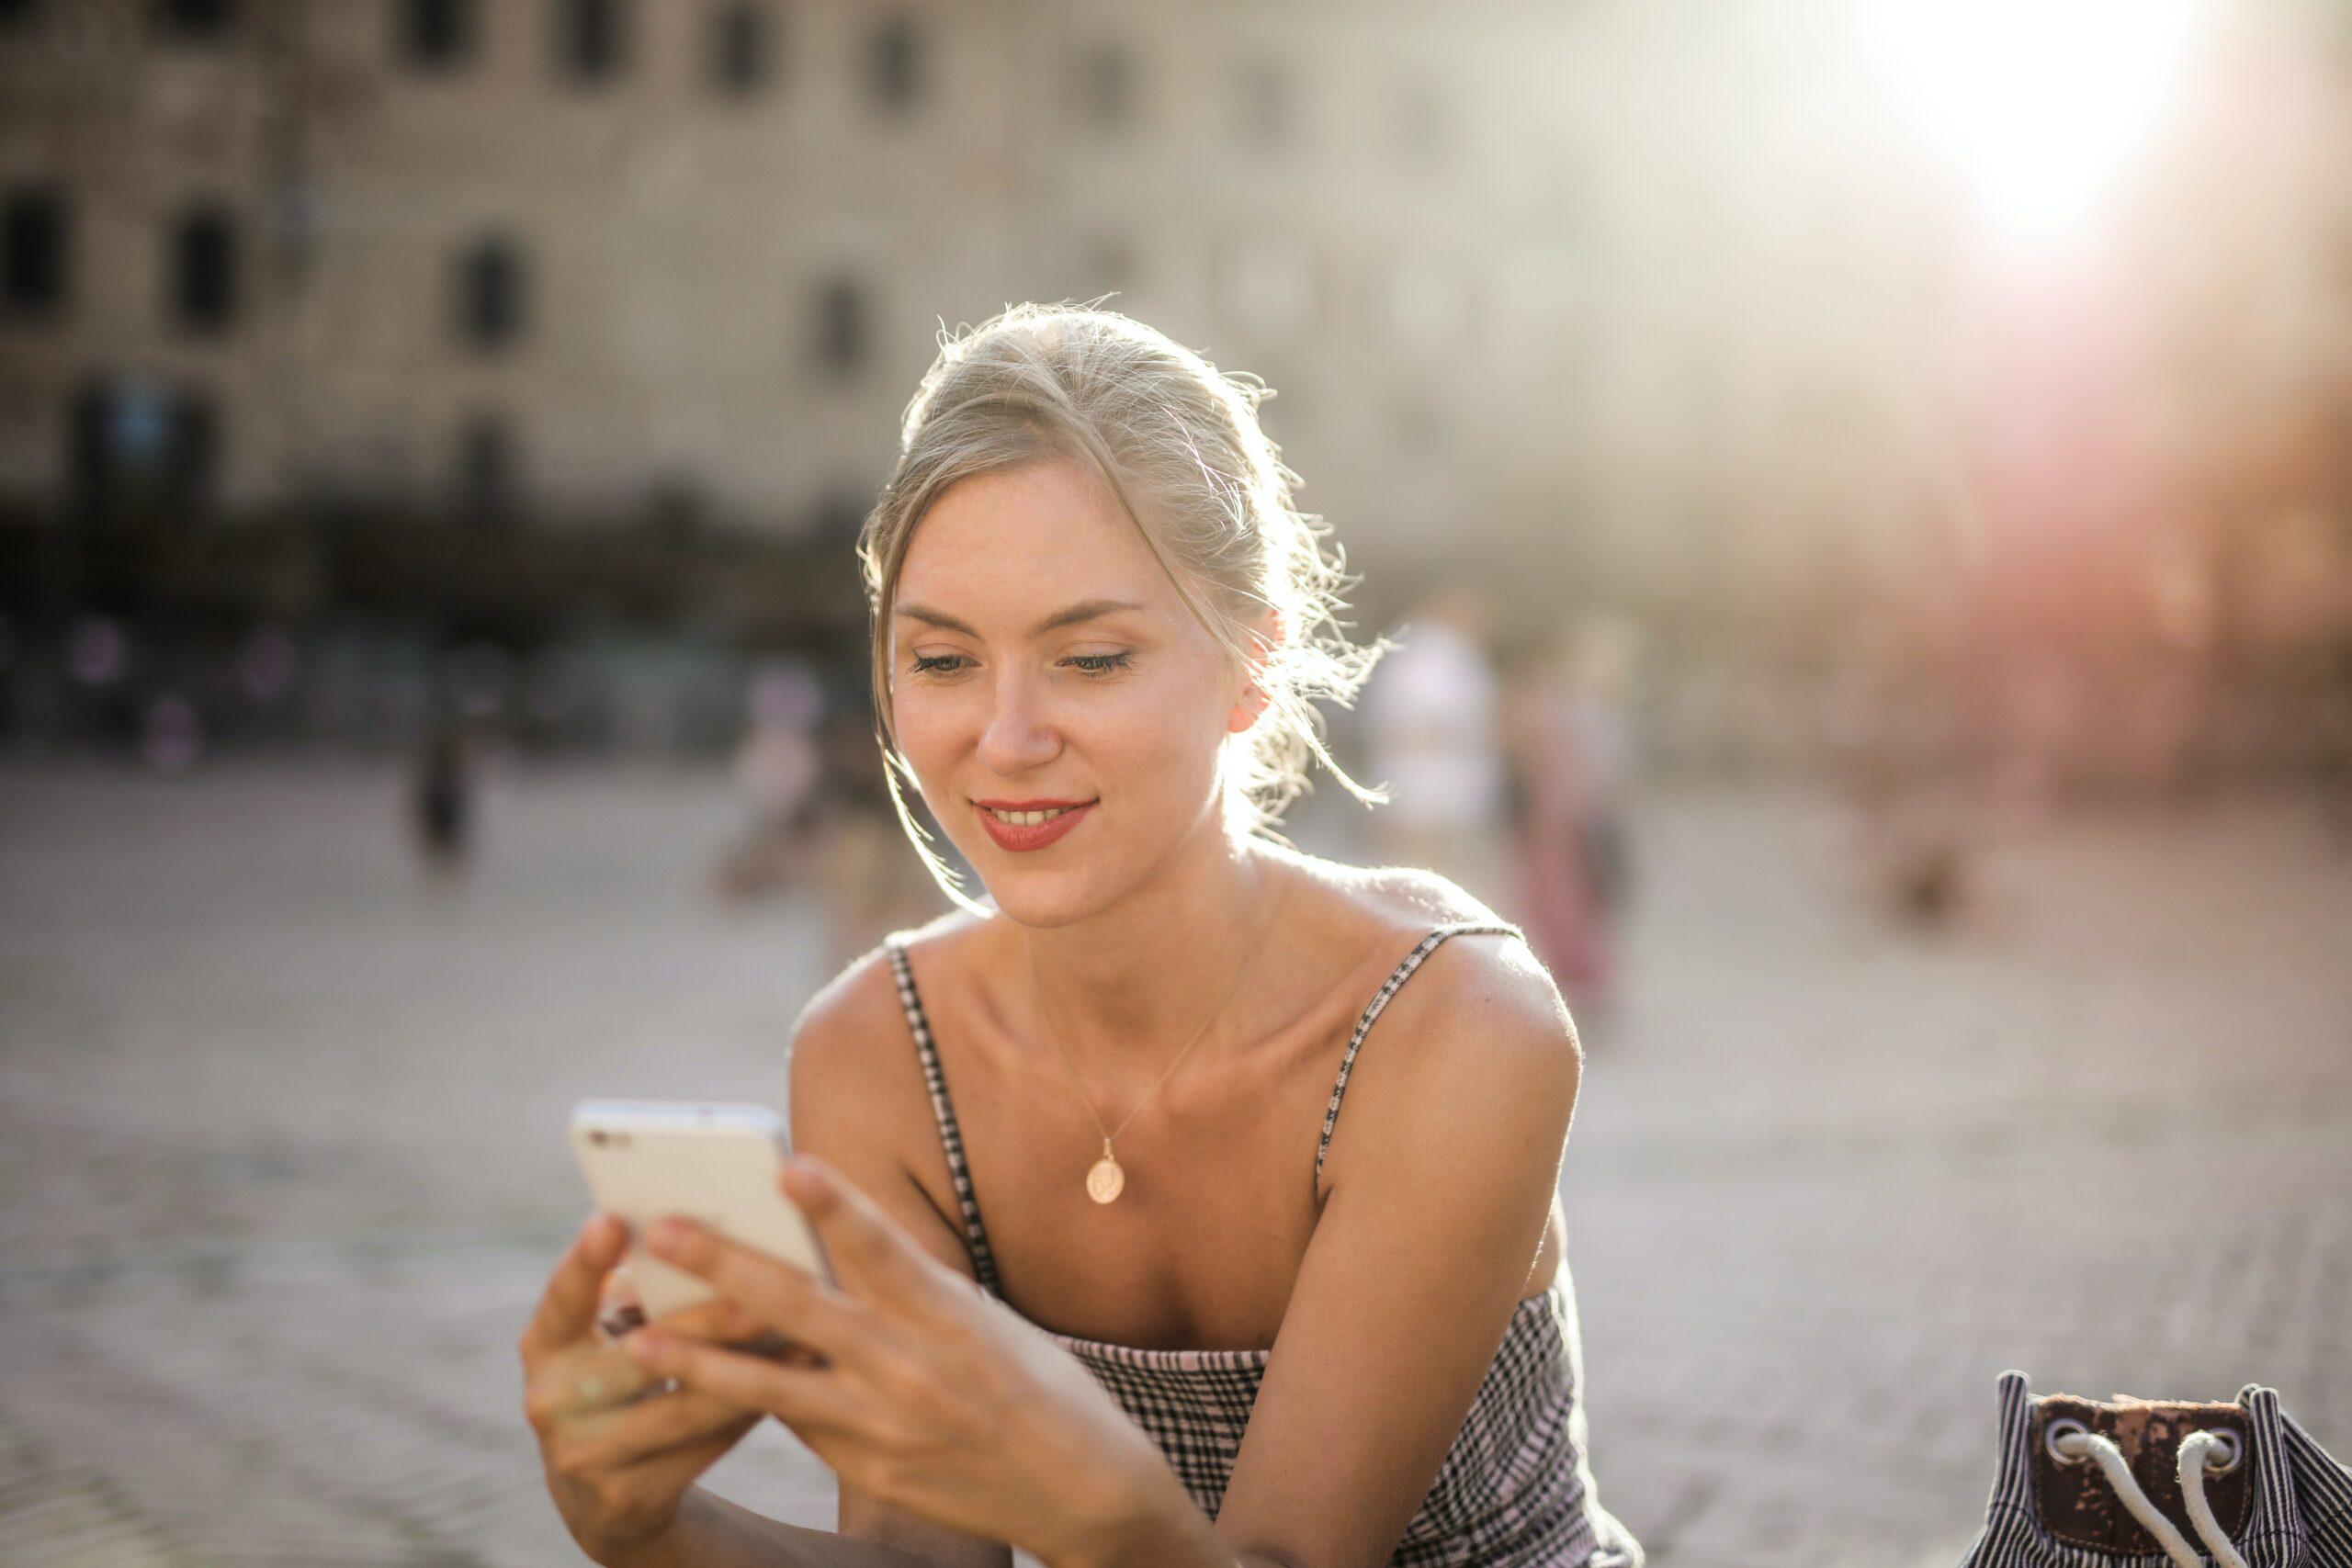 Propojení Messengeru a Instagramu? No konečně!